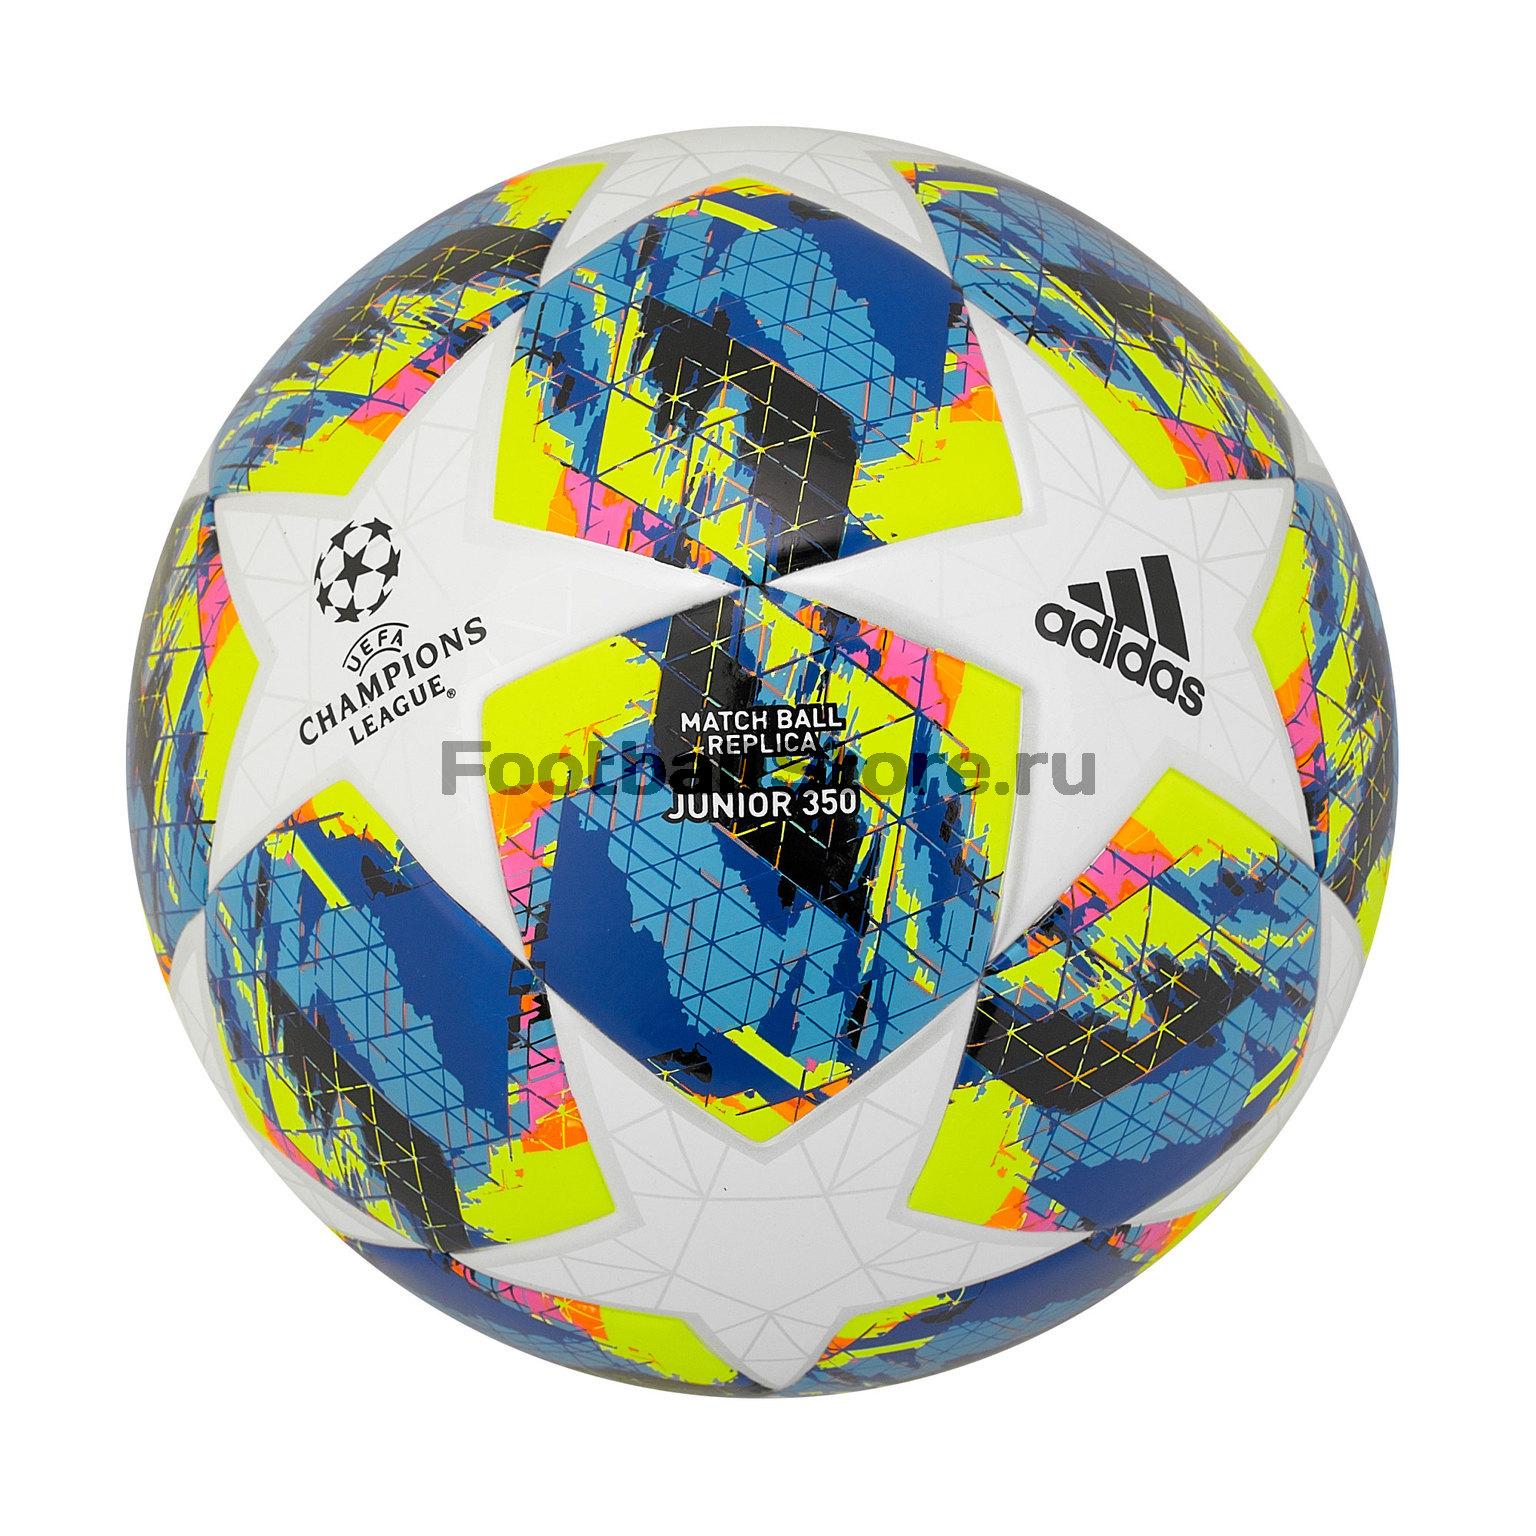 Футбольный мяч Adidas Finale J350 DY2550